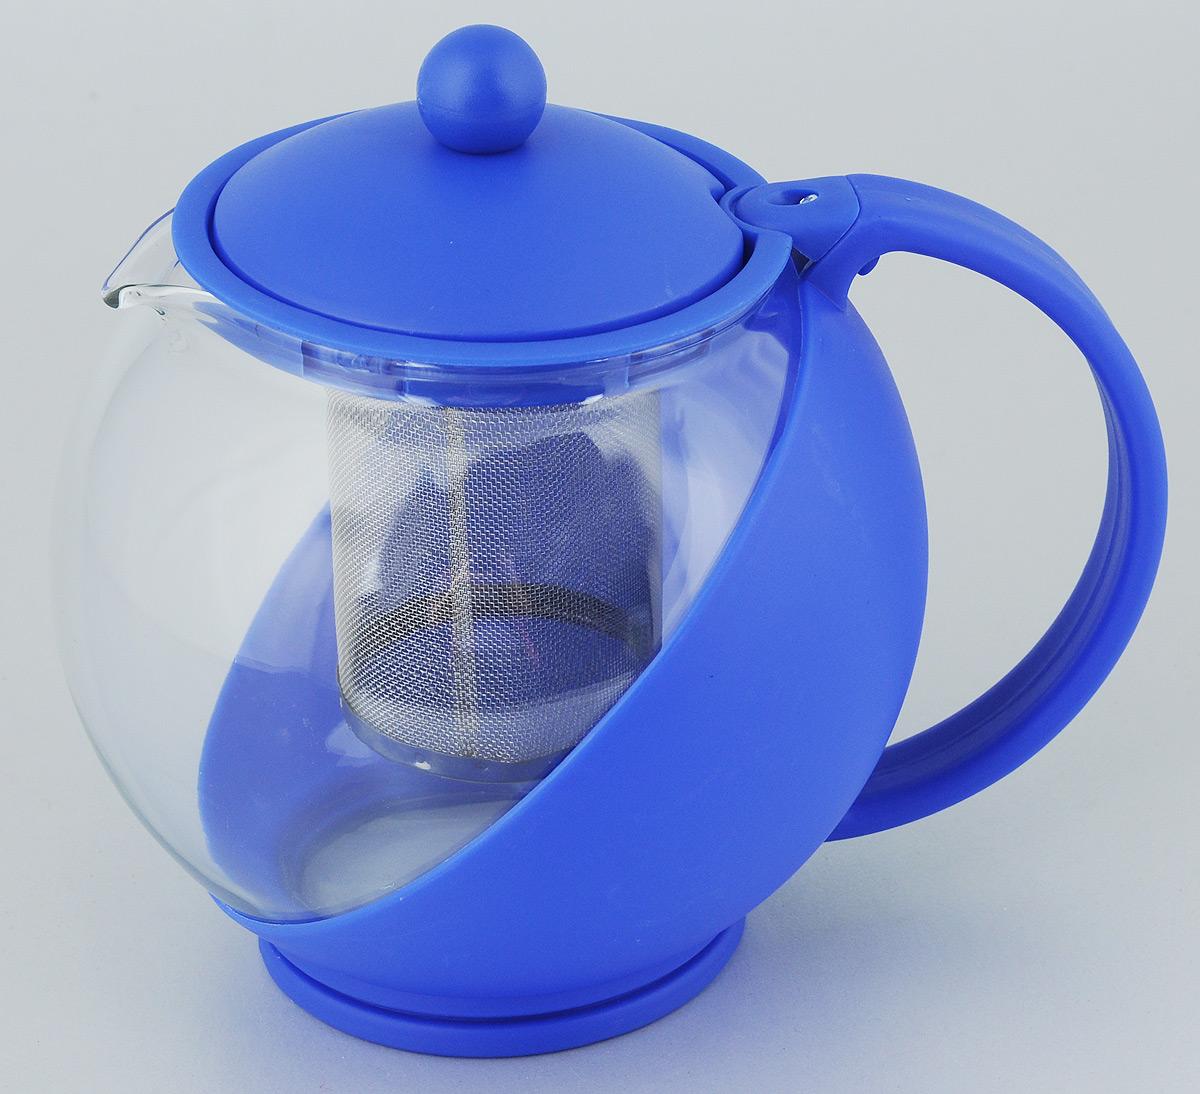 Чайник заварочный Bekker Koch, с фильтром, цвет: синий, 1,25 лBK-301_синийЗаварочный чайник Bekker Koch изготовлен из высококачественного пластика и жаропрочного стекла. Он имеет металлический фильтр.Чайник оснащен удобной пластиковой ручкой. В нем вы можете приготовить вкусный и ароматный чай. Заварочный чайник Bekker Koch займет достойное место на вашей кухне. Объем: 1,25 л. Высота чайника (без учета крышки): 14 см. Диаметр (по верхнему краю): 9,5 см.